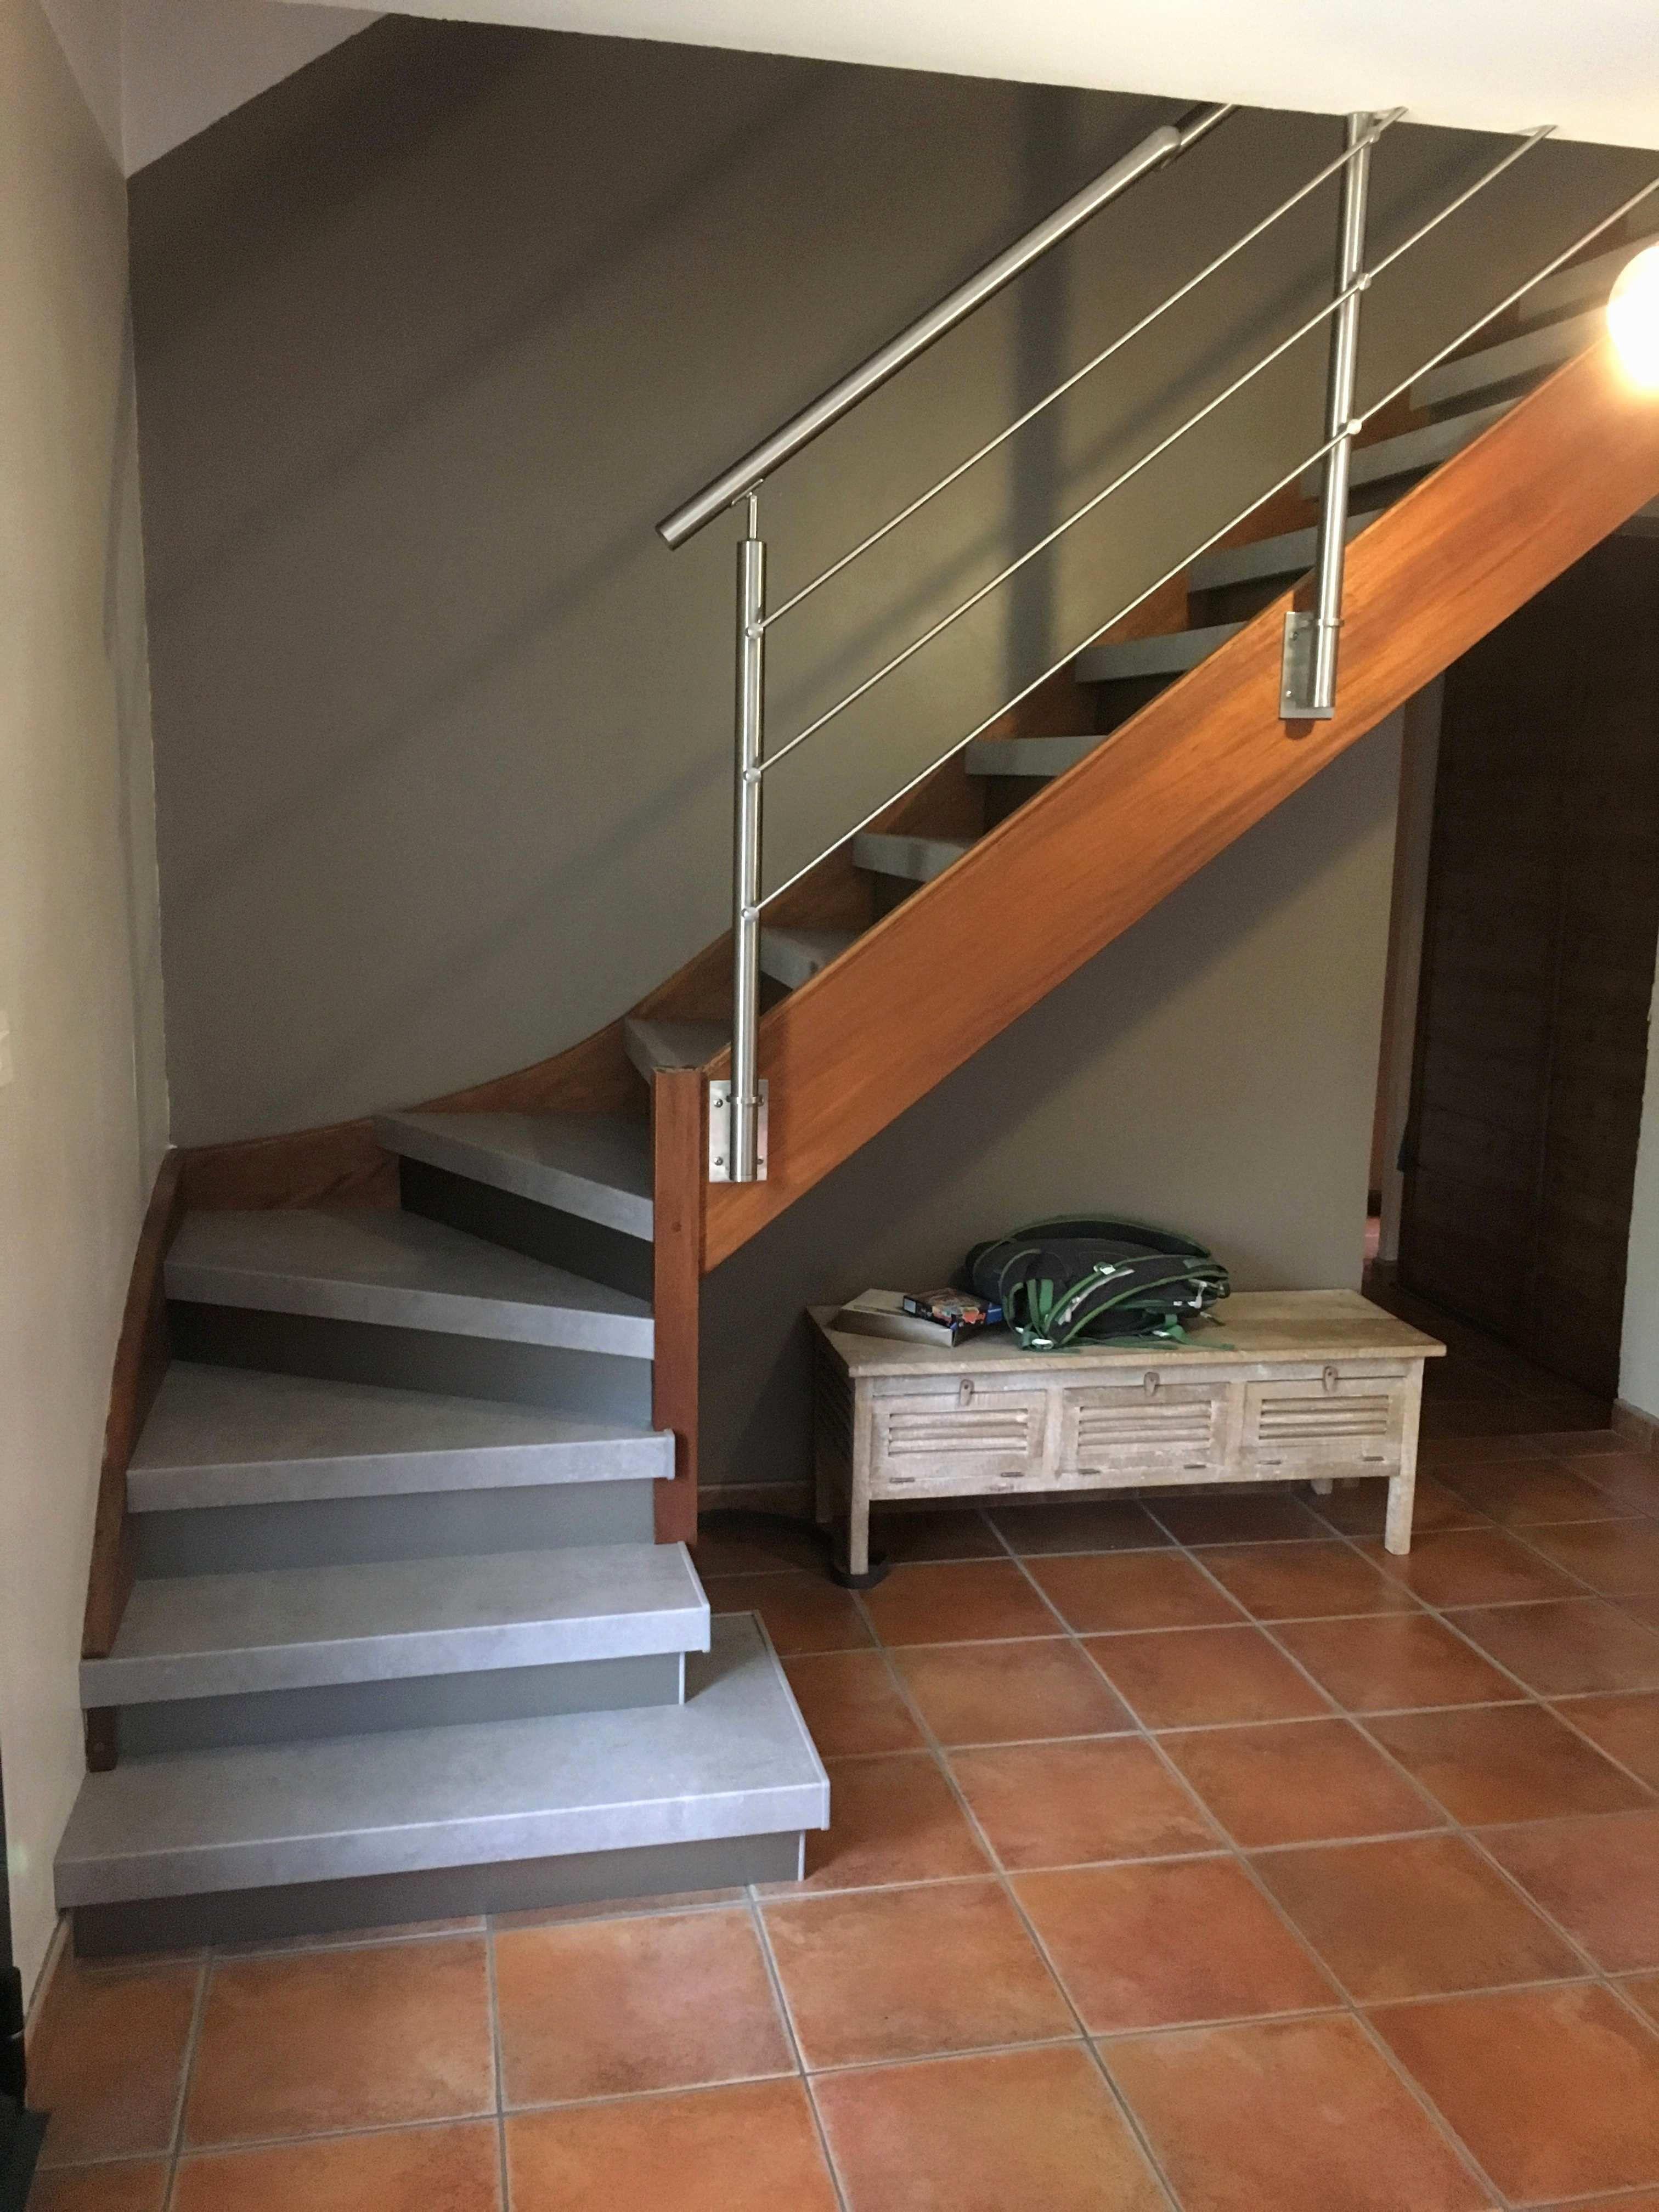 Largeur D Une Marche D Escalier 23 galerie largeur d une marche d escalier briliant calcul